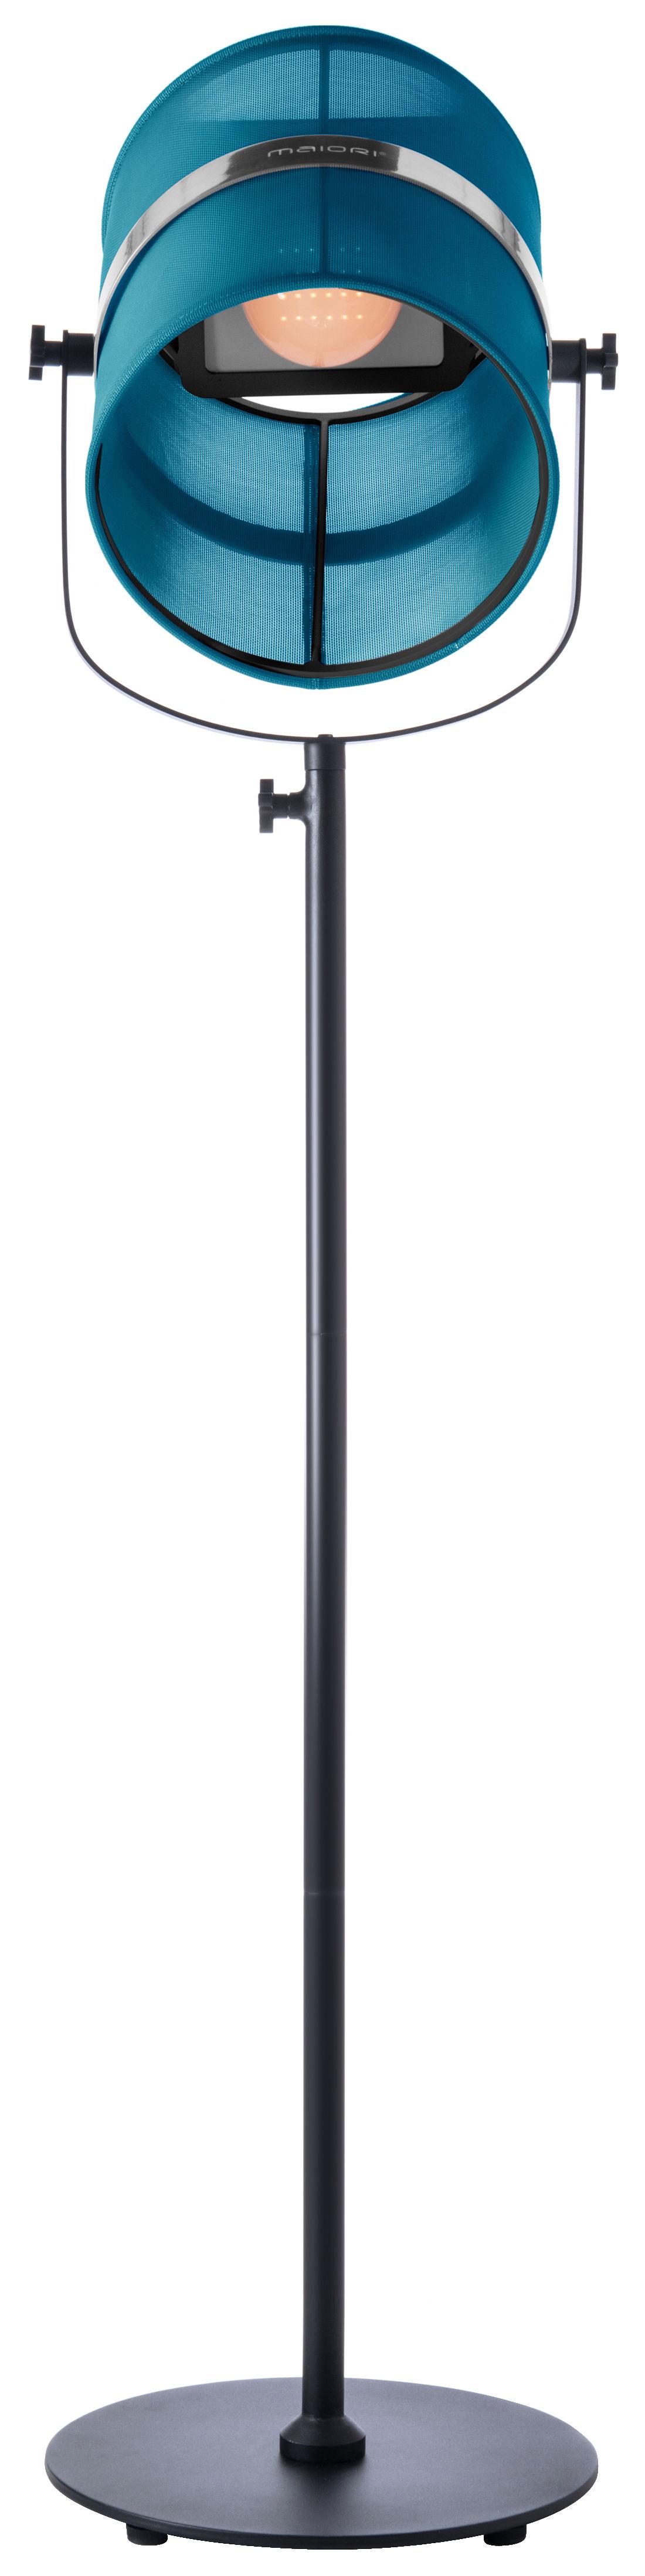 lampadaire solaire la lampe paris led sans fil turquoise. Black Bedroom Furniture Sets. Home Design Ideas